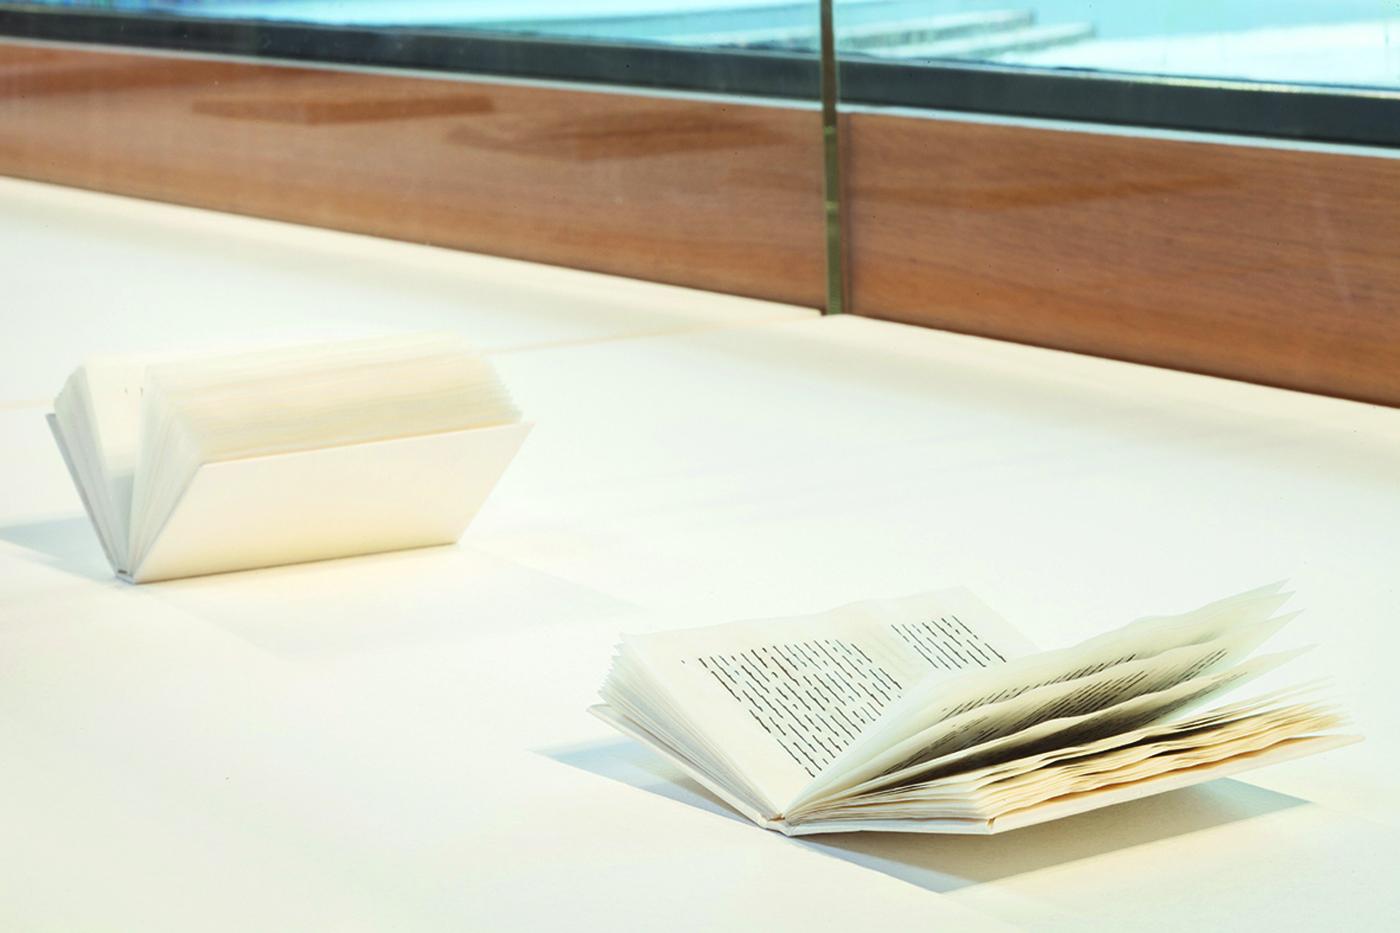 Irma Blank, 57. Esposizione Internazionale d'Arte - La Biennale di Venezia, Viva Arte Viva. Foto: Francesco Galli. Courtesy: La Biennale di Venezia